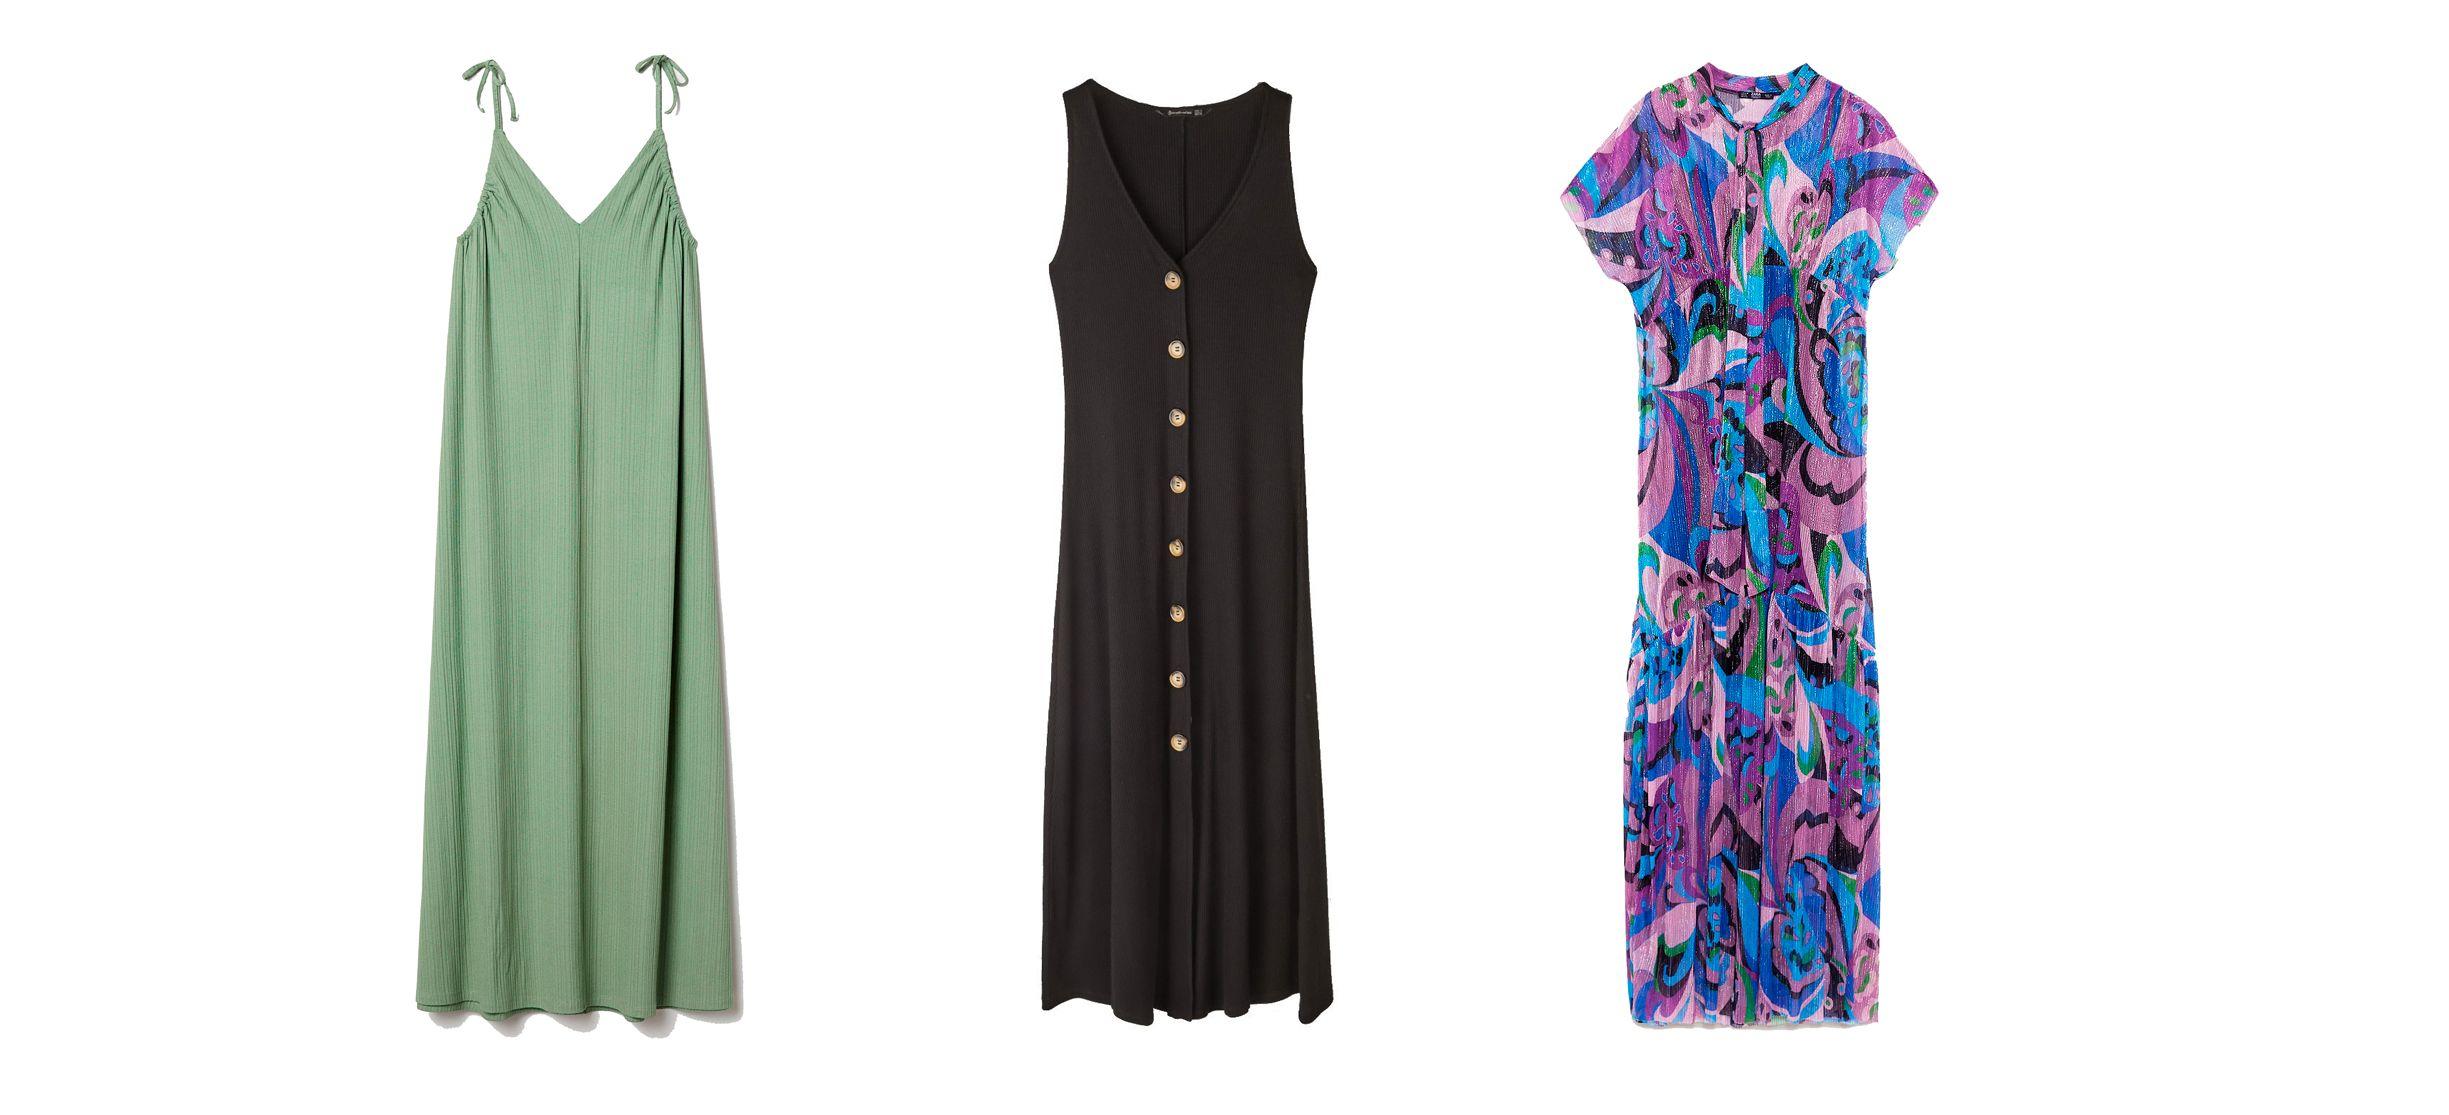 b3a14b91caa0 35 vestidos largos de verano por menos de 30 euros